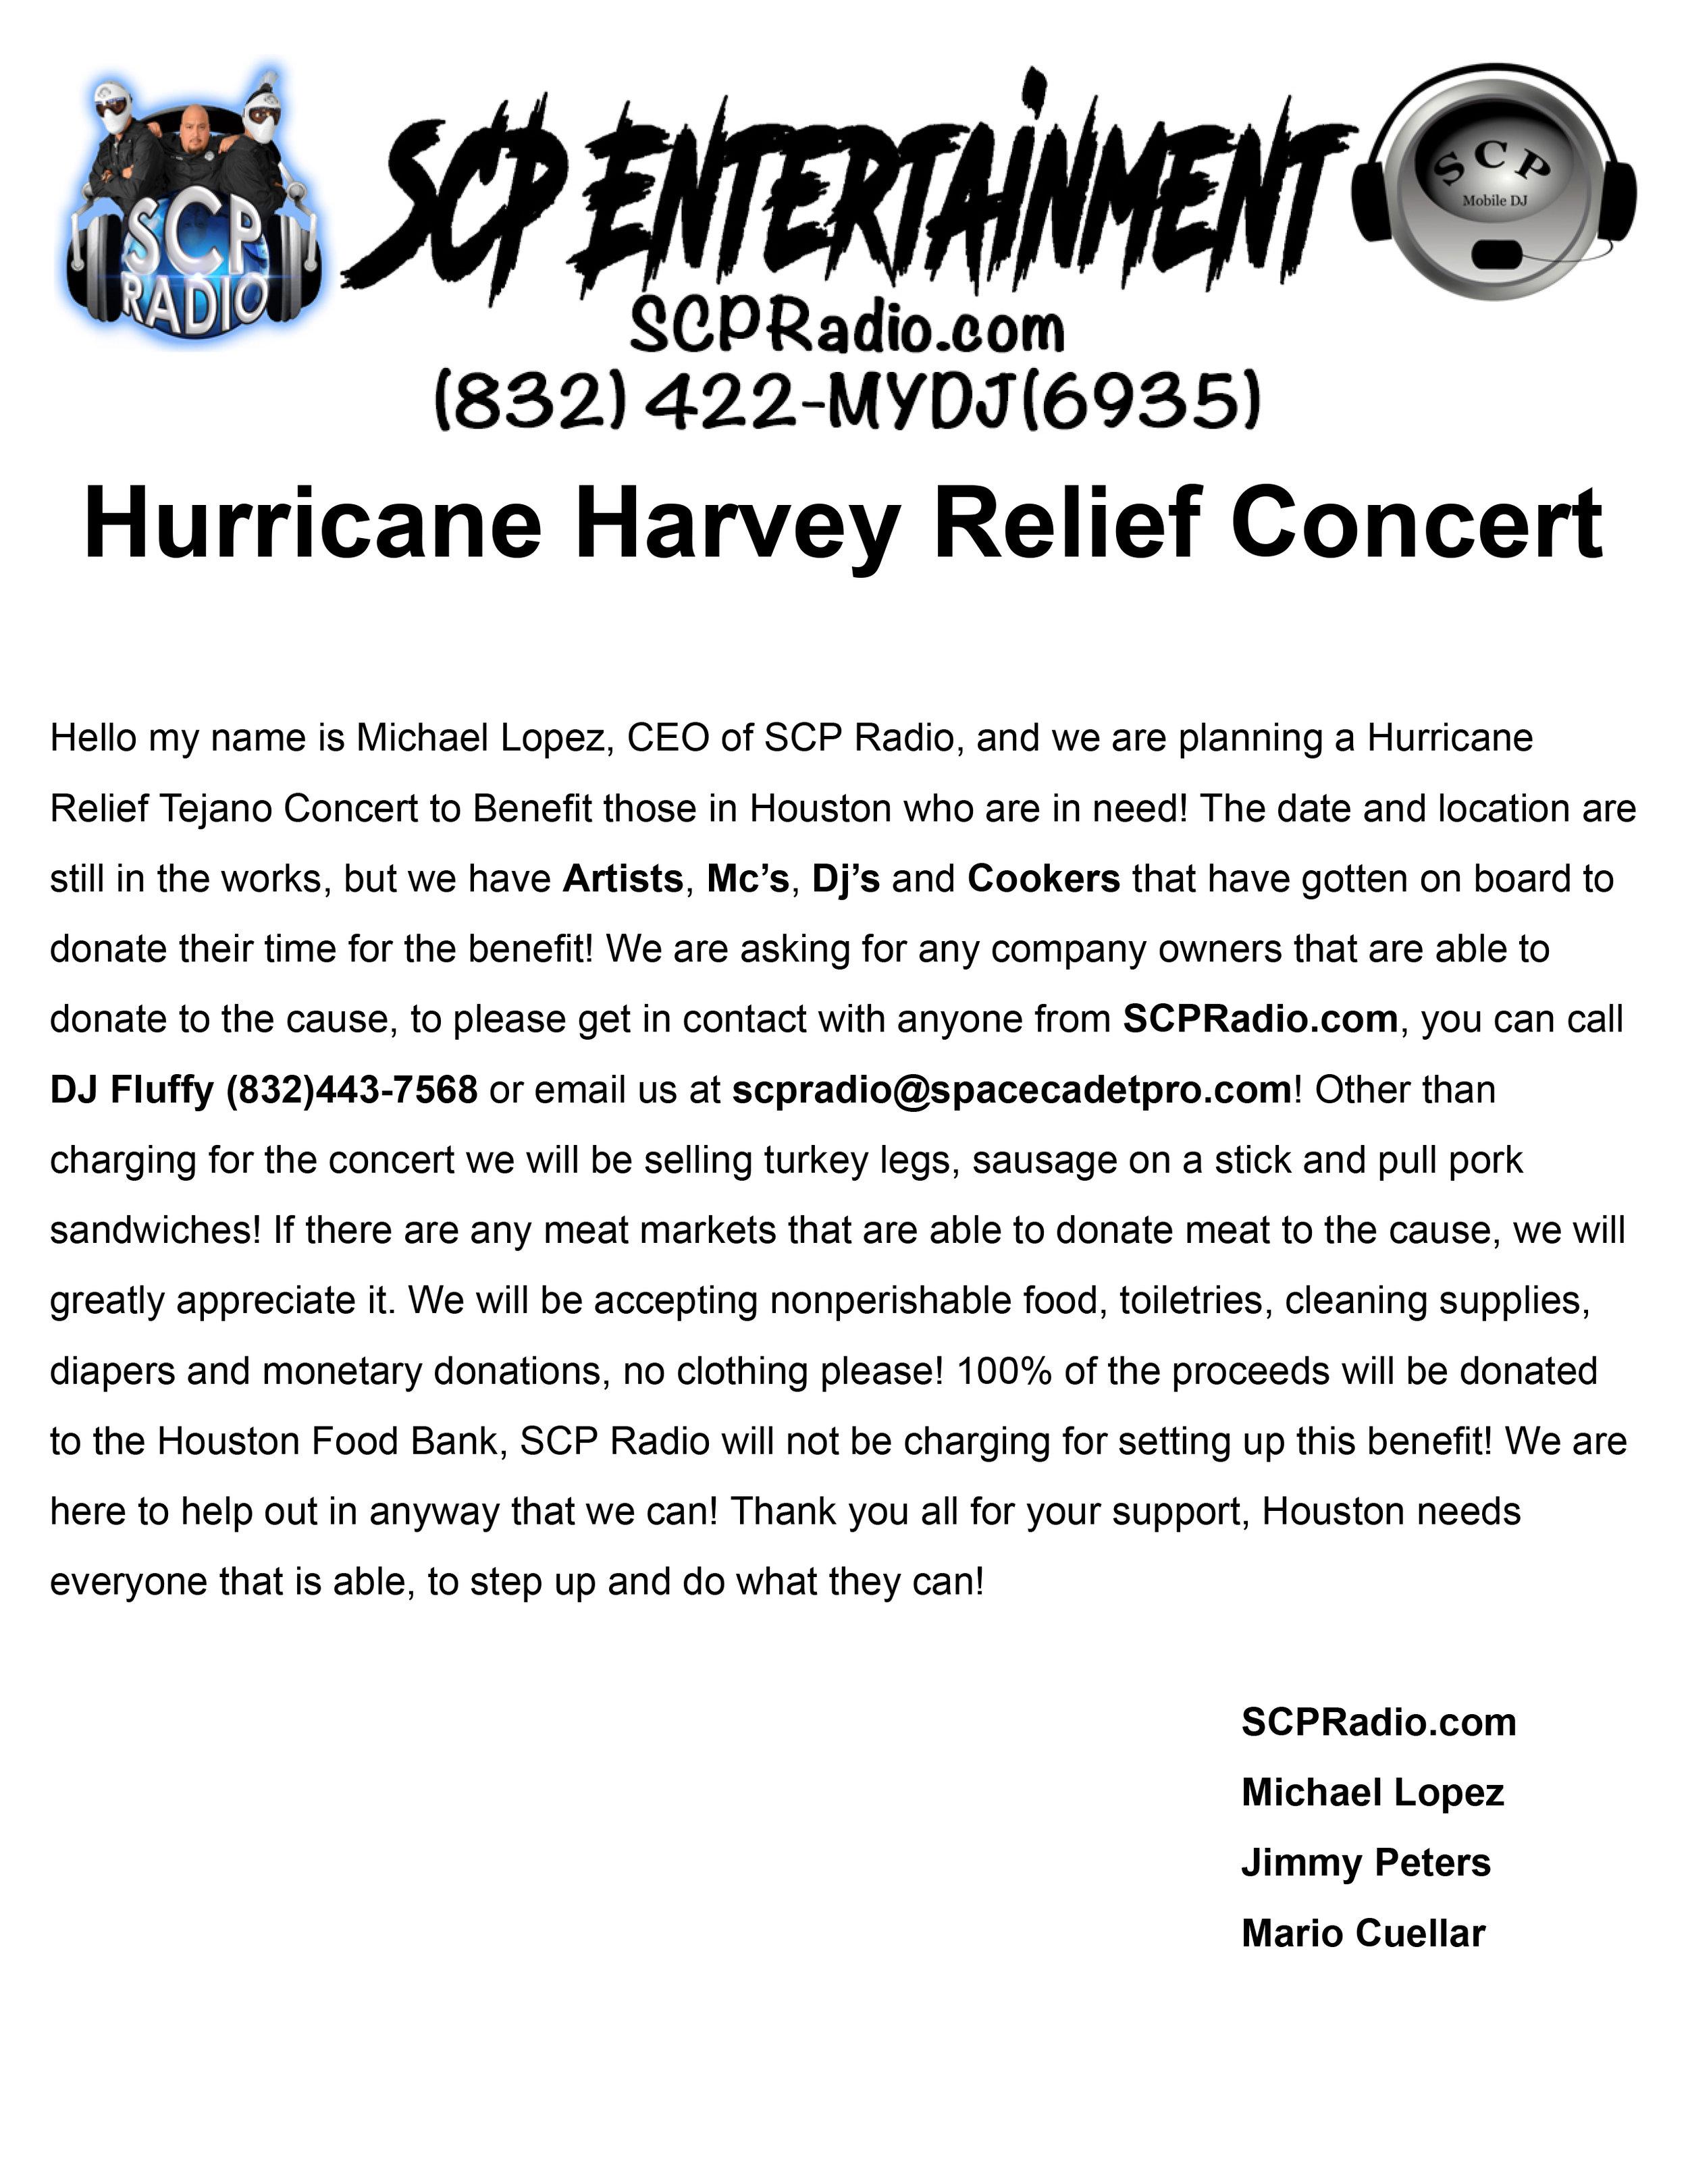 Hurricane Harvey Relief Concert.jpg